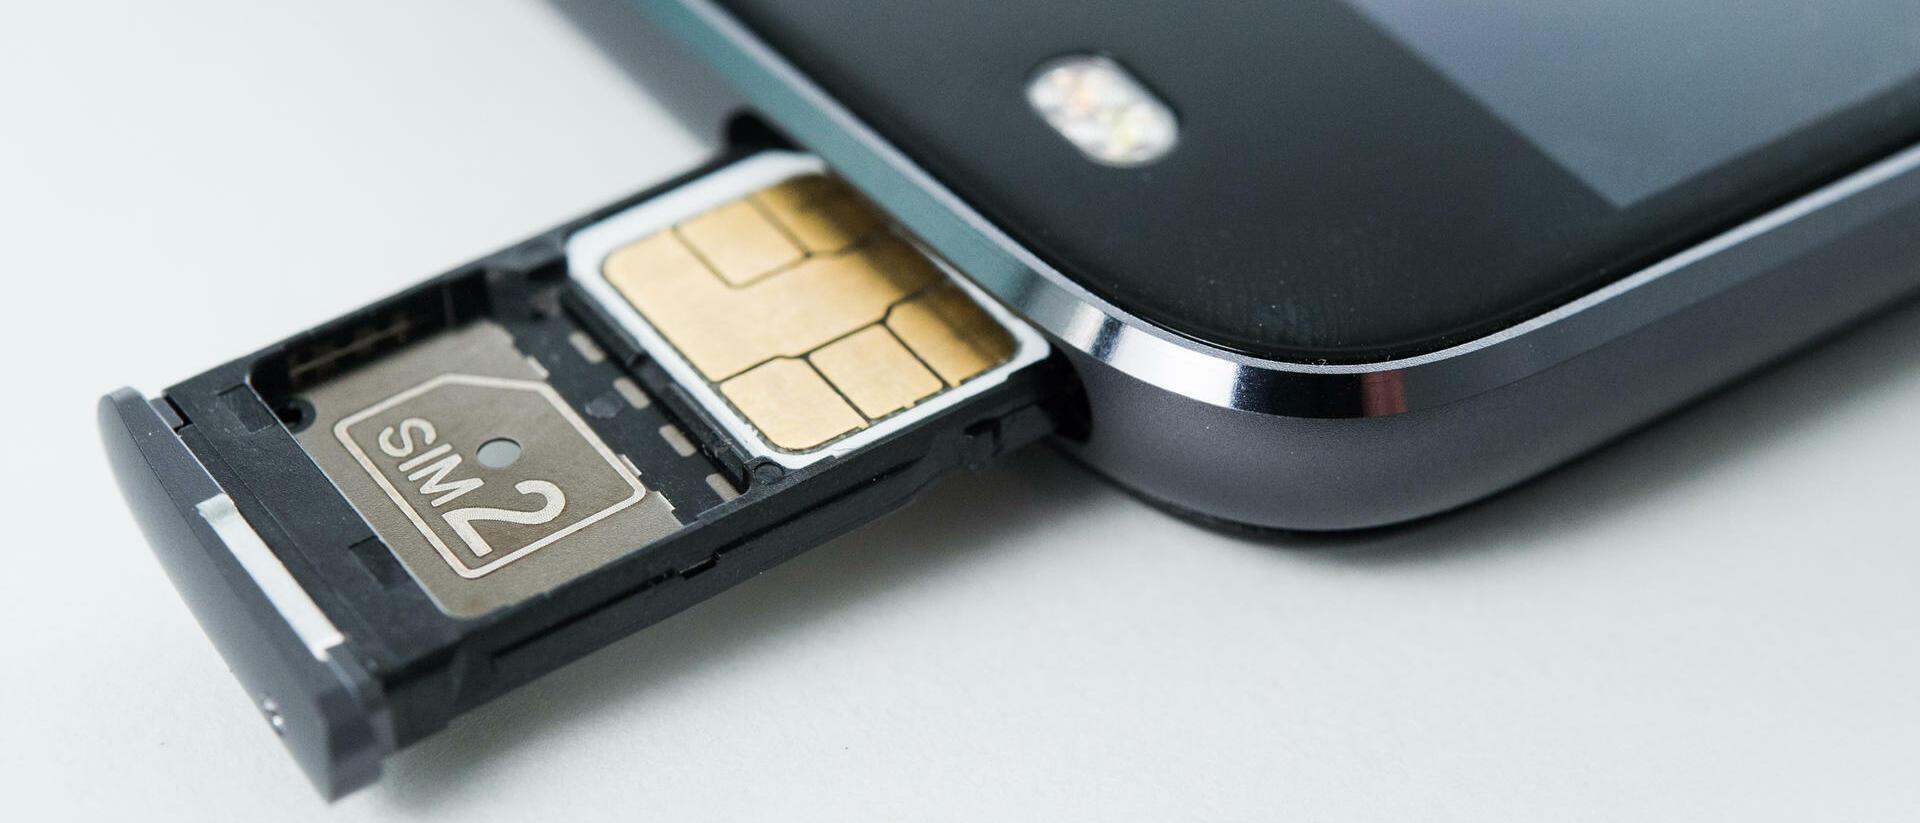 هواوي : كيفية وضع نغمتين لشريحتي SIM